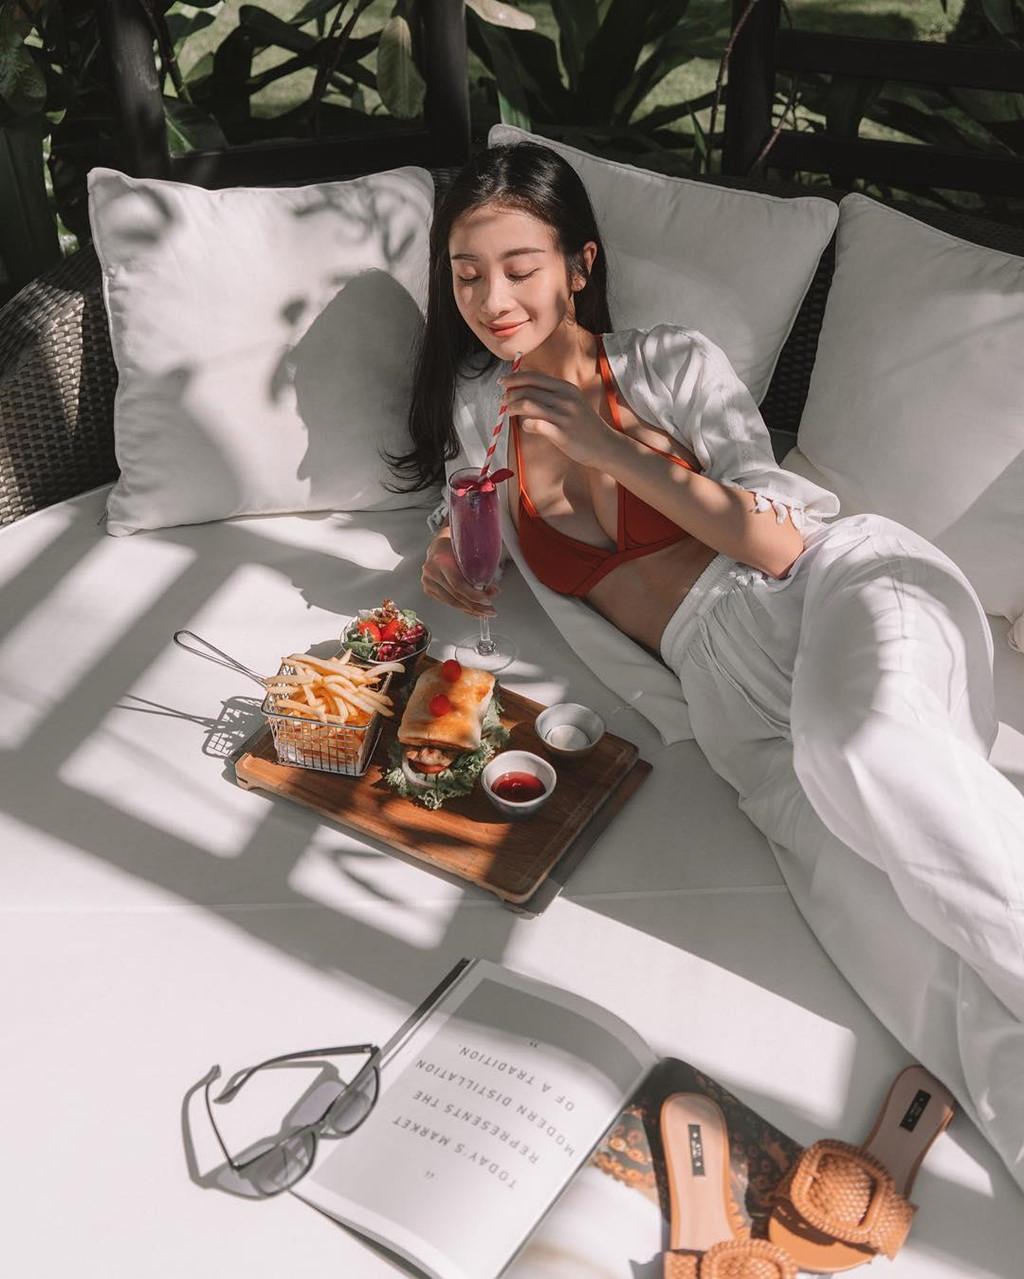 Ngắm thân hình mời gọi của người đẹp Việt từng gây sốt cộng đồng mạng Hàn Quốc - Hình 10